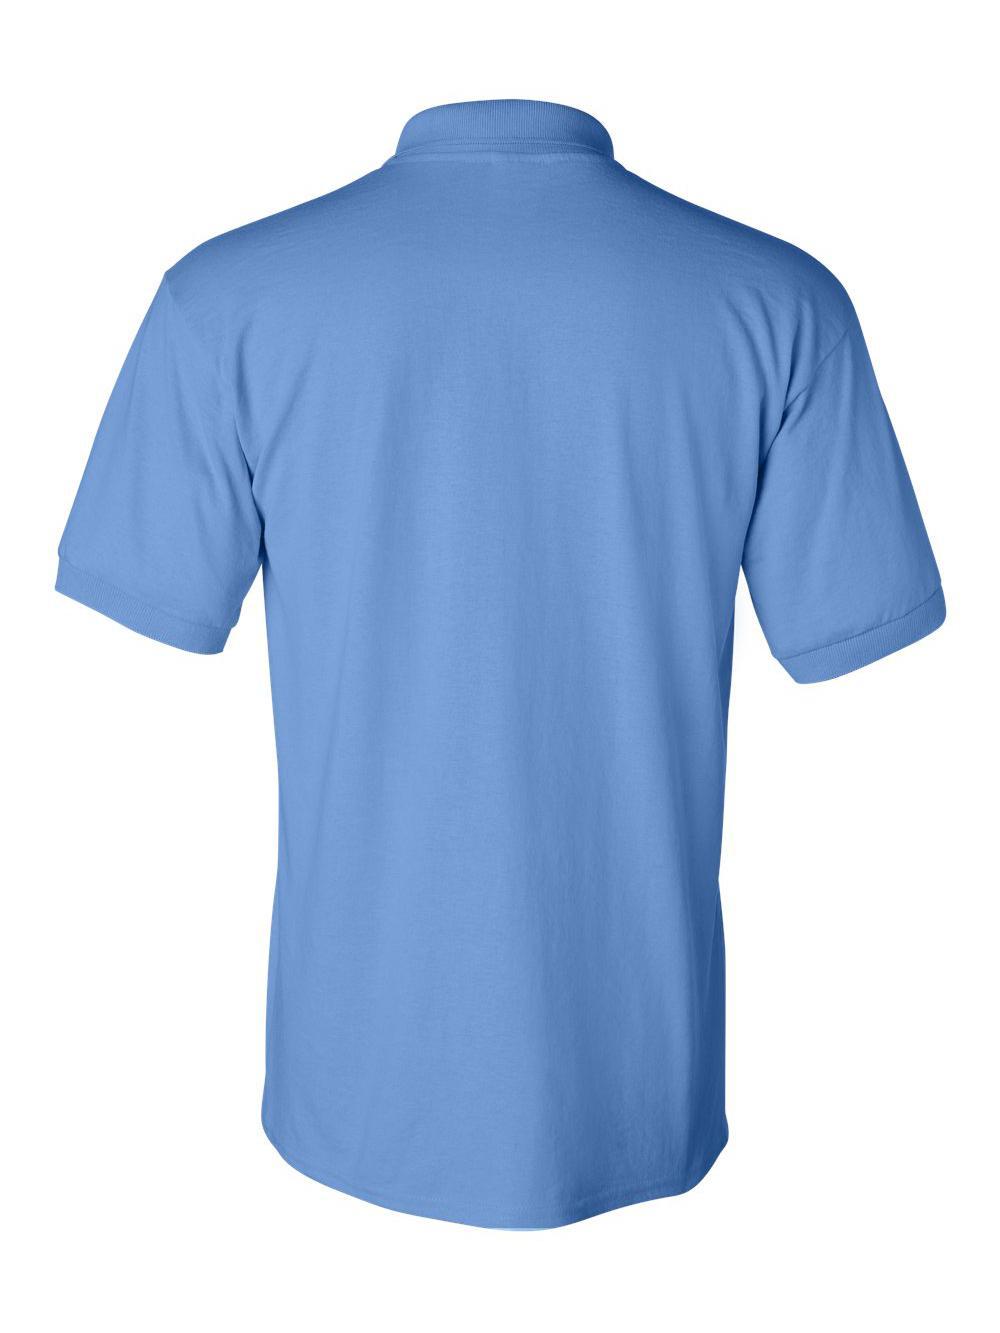 Gildan-DryBlend-Jersey-Sport-Shirt-8800 thumbnail 10